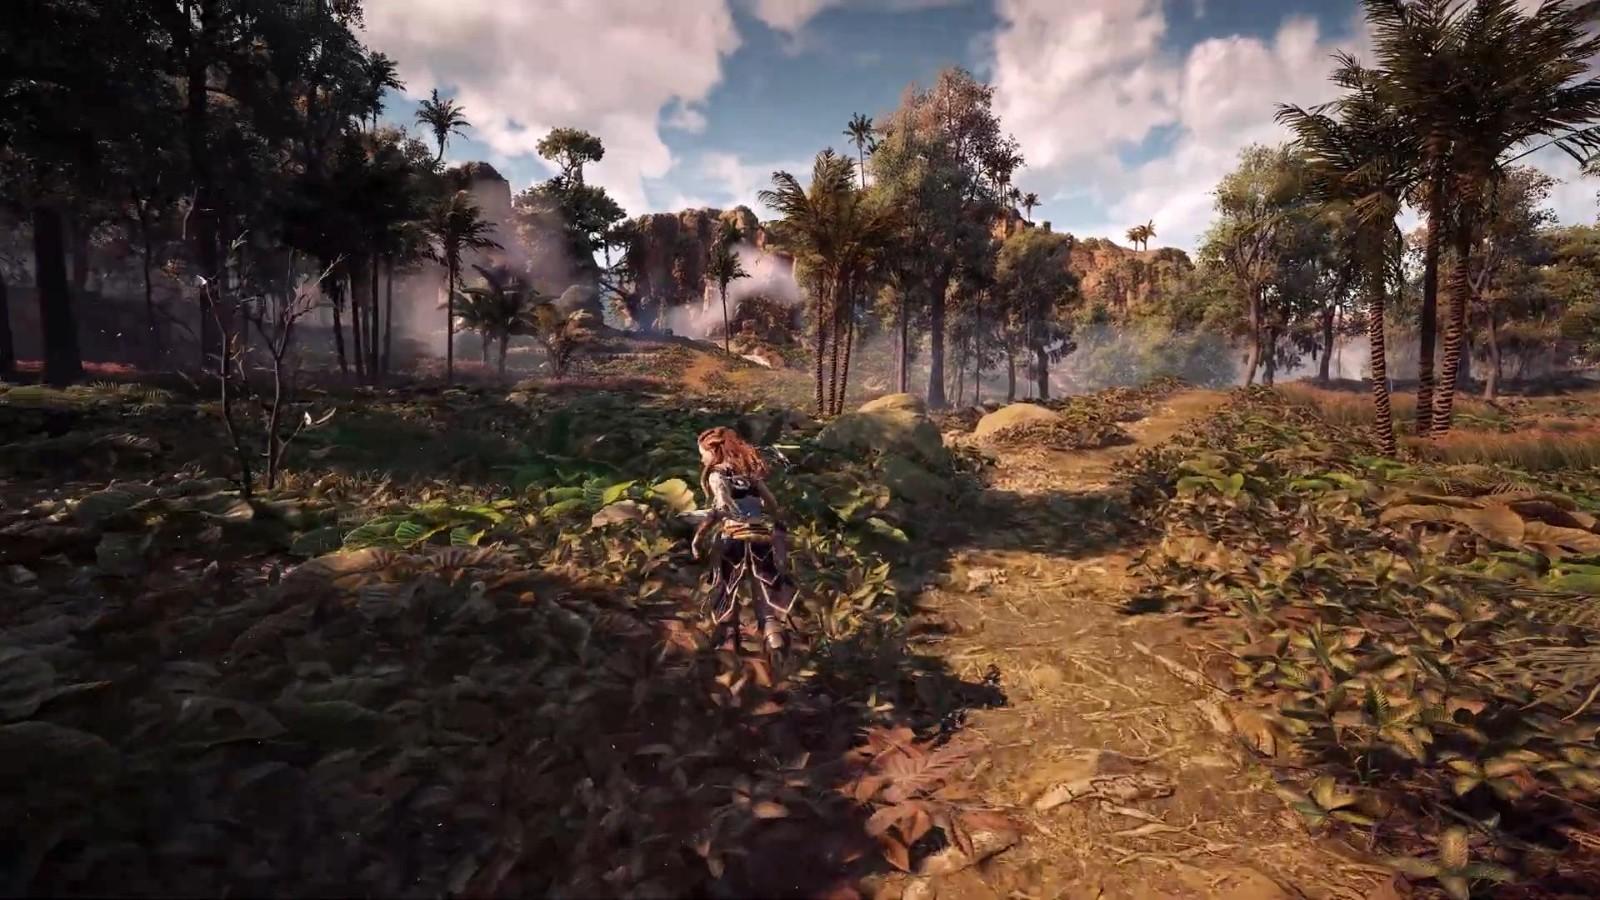 RTX3090运行《地平线:零之曙光》8K演示 在美丽风景中策马奔腾